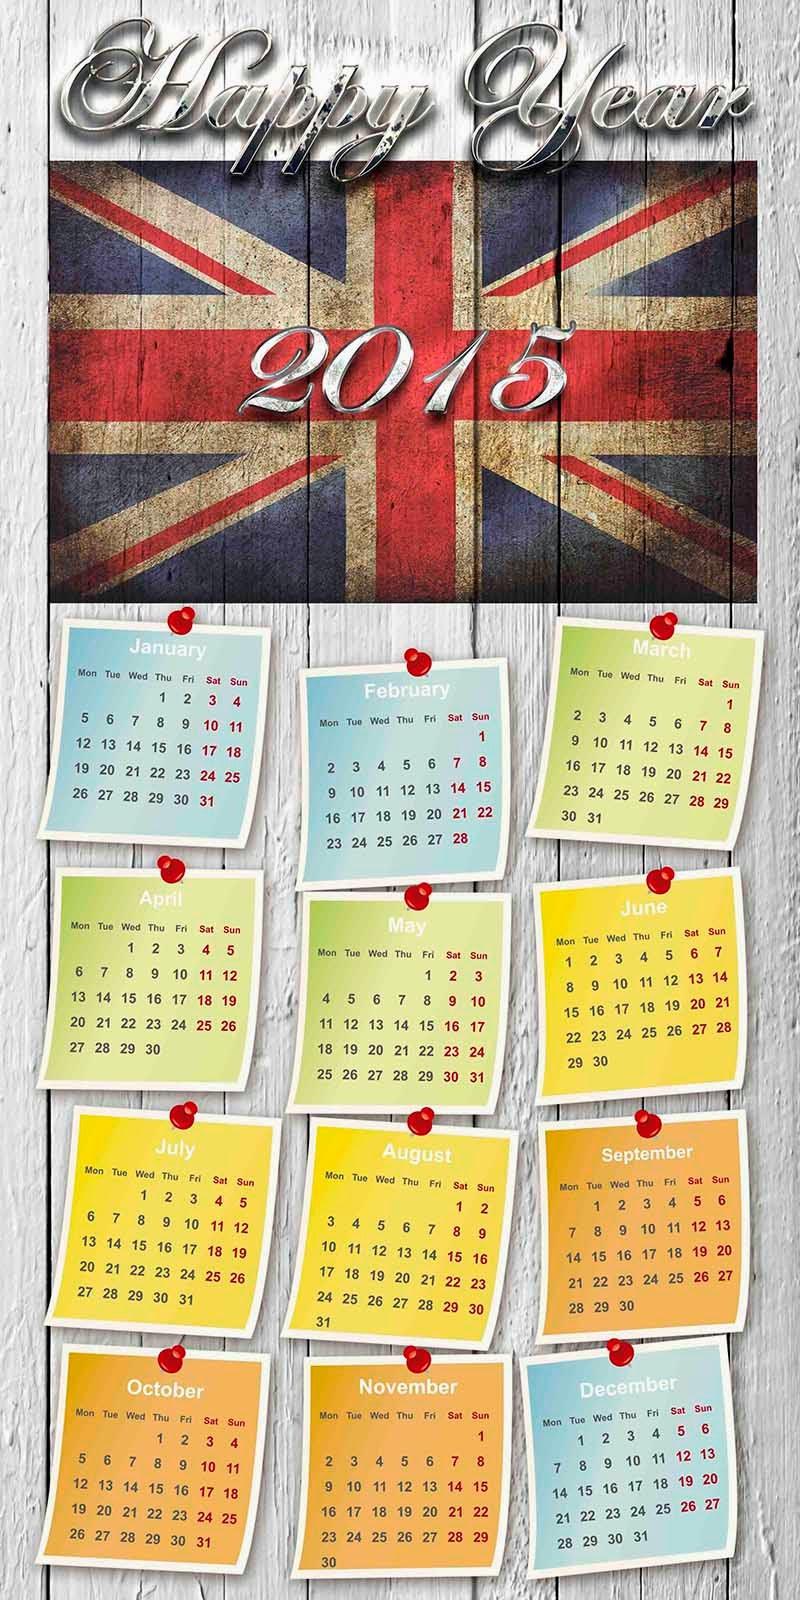 Muro de madera con bandera de Inglaterra y calendario 2015 en inglés